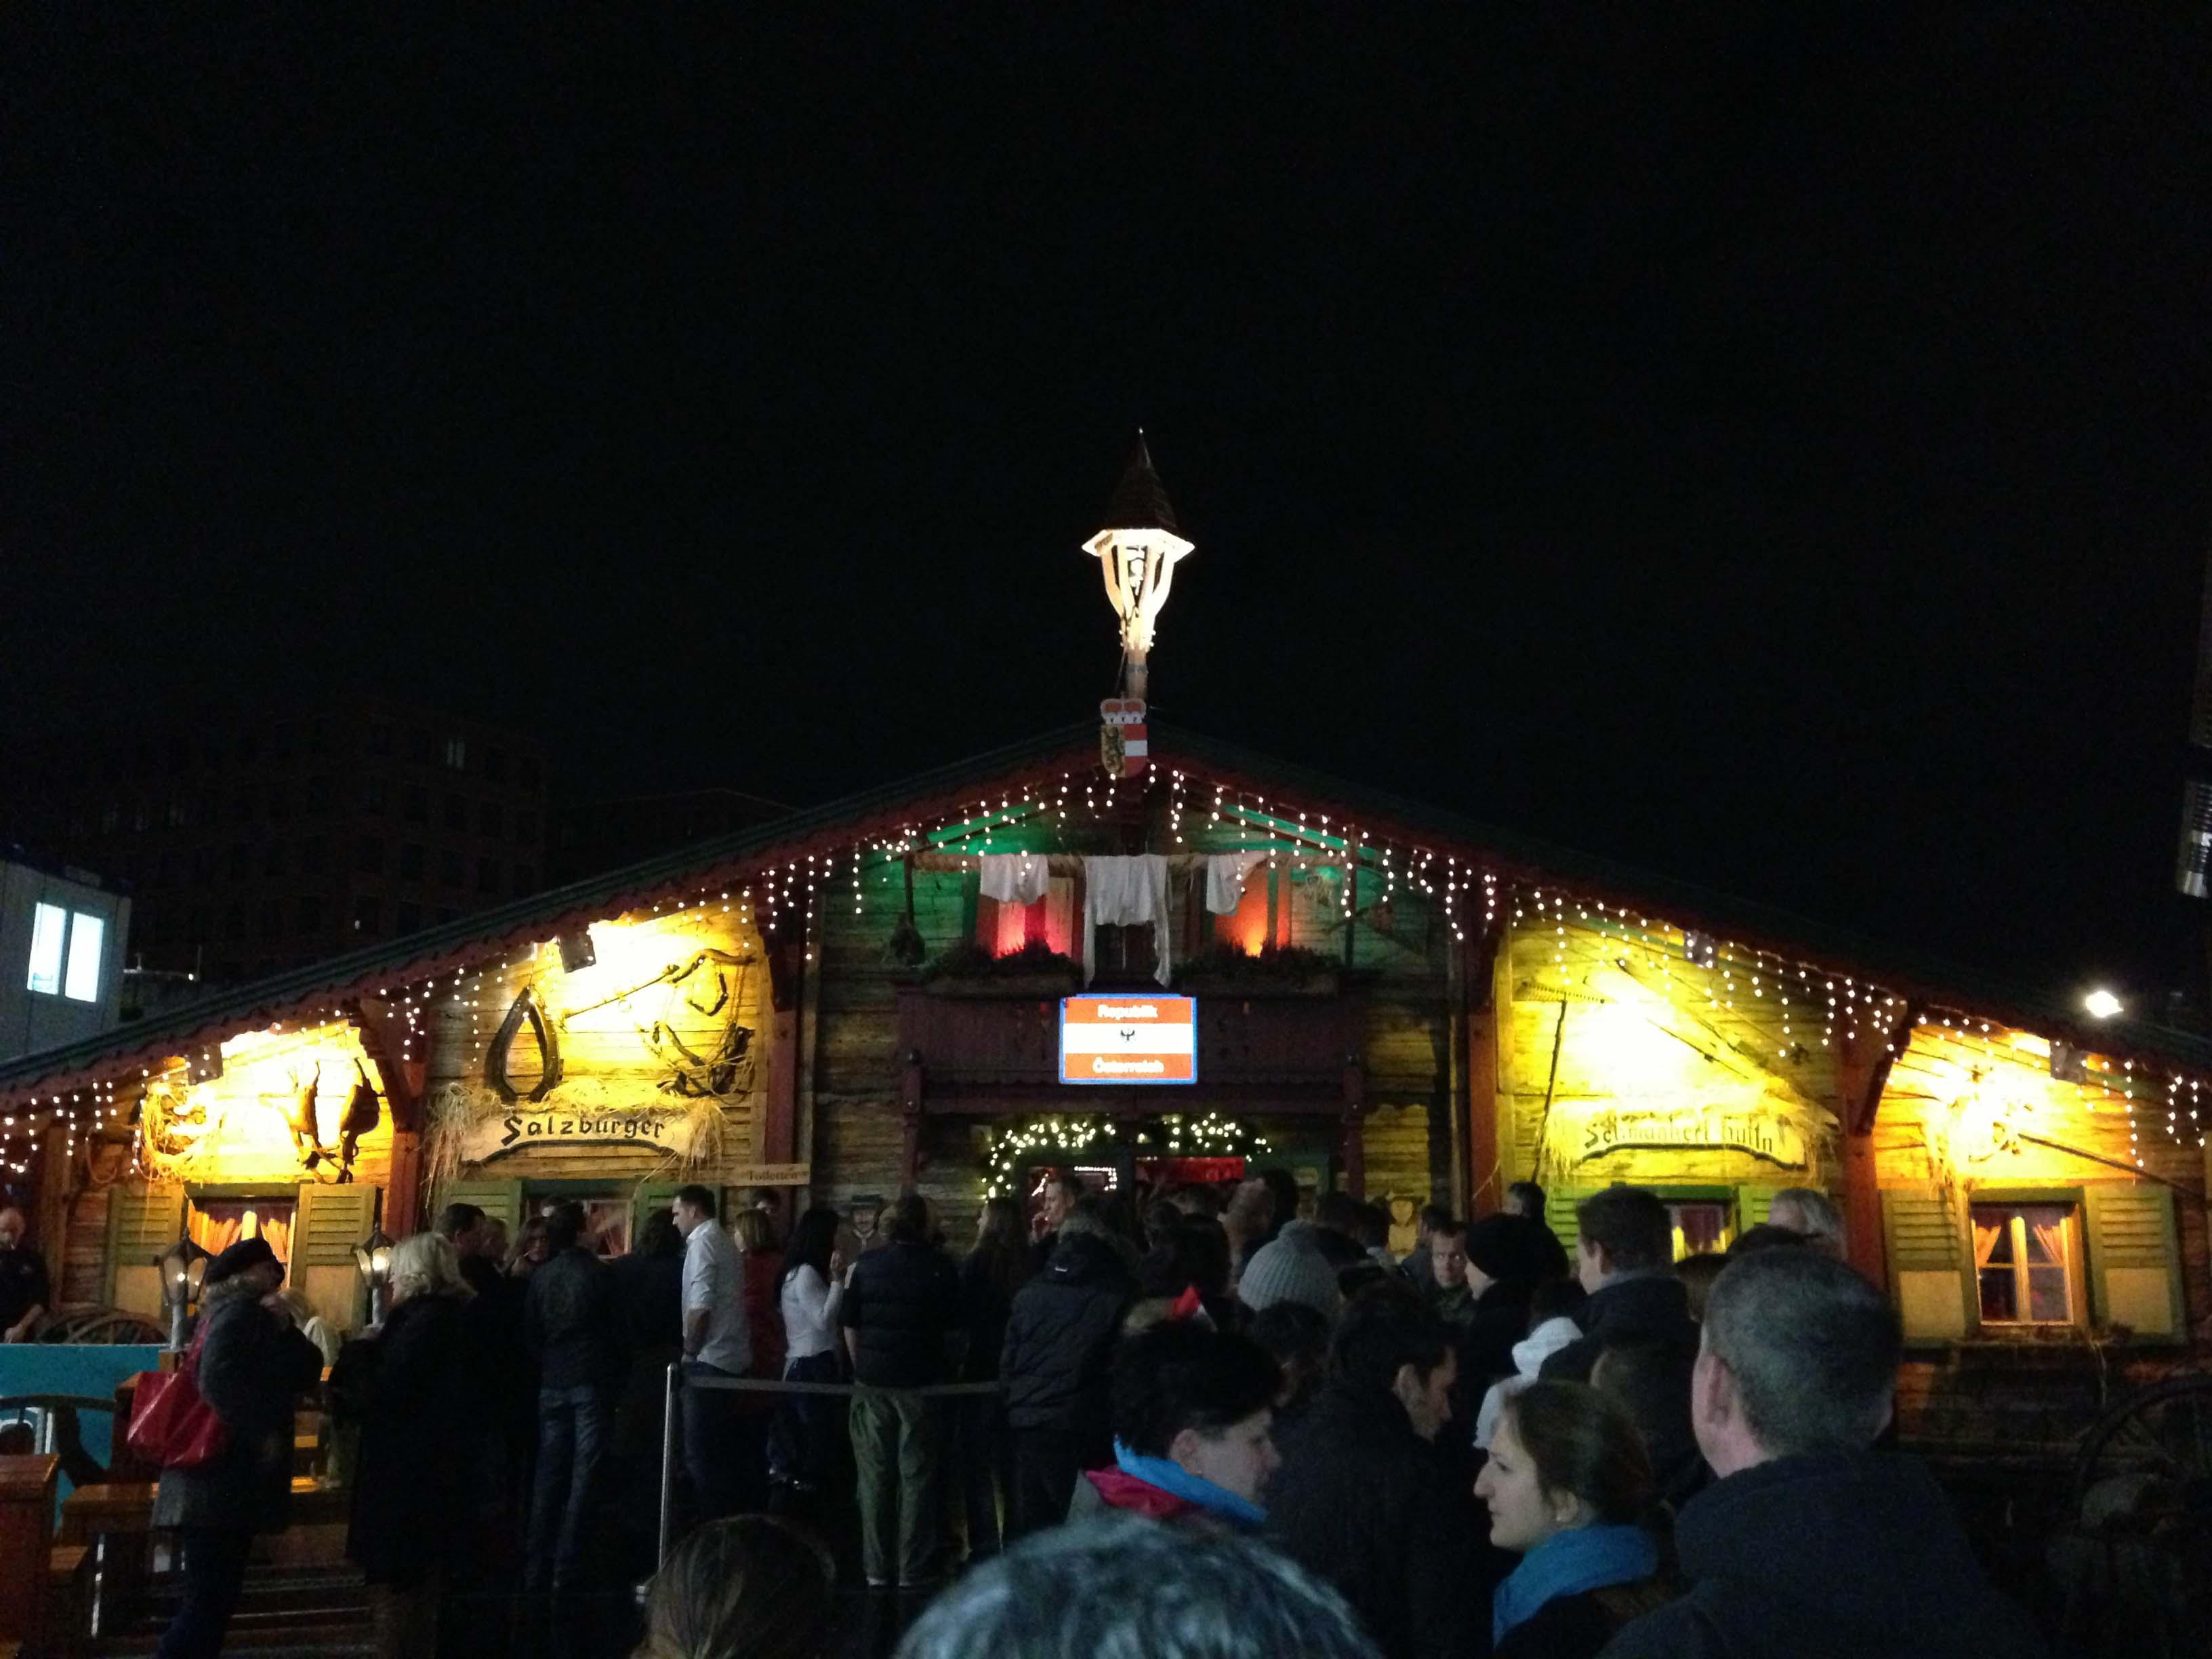 Schmankerl-Hüttn at Winterwelt am Potsdamer Platz in Berlin